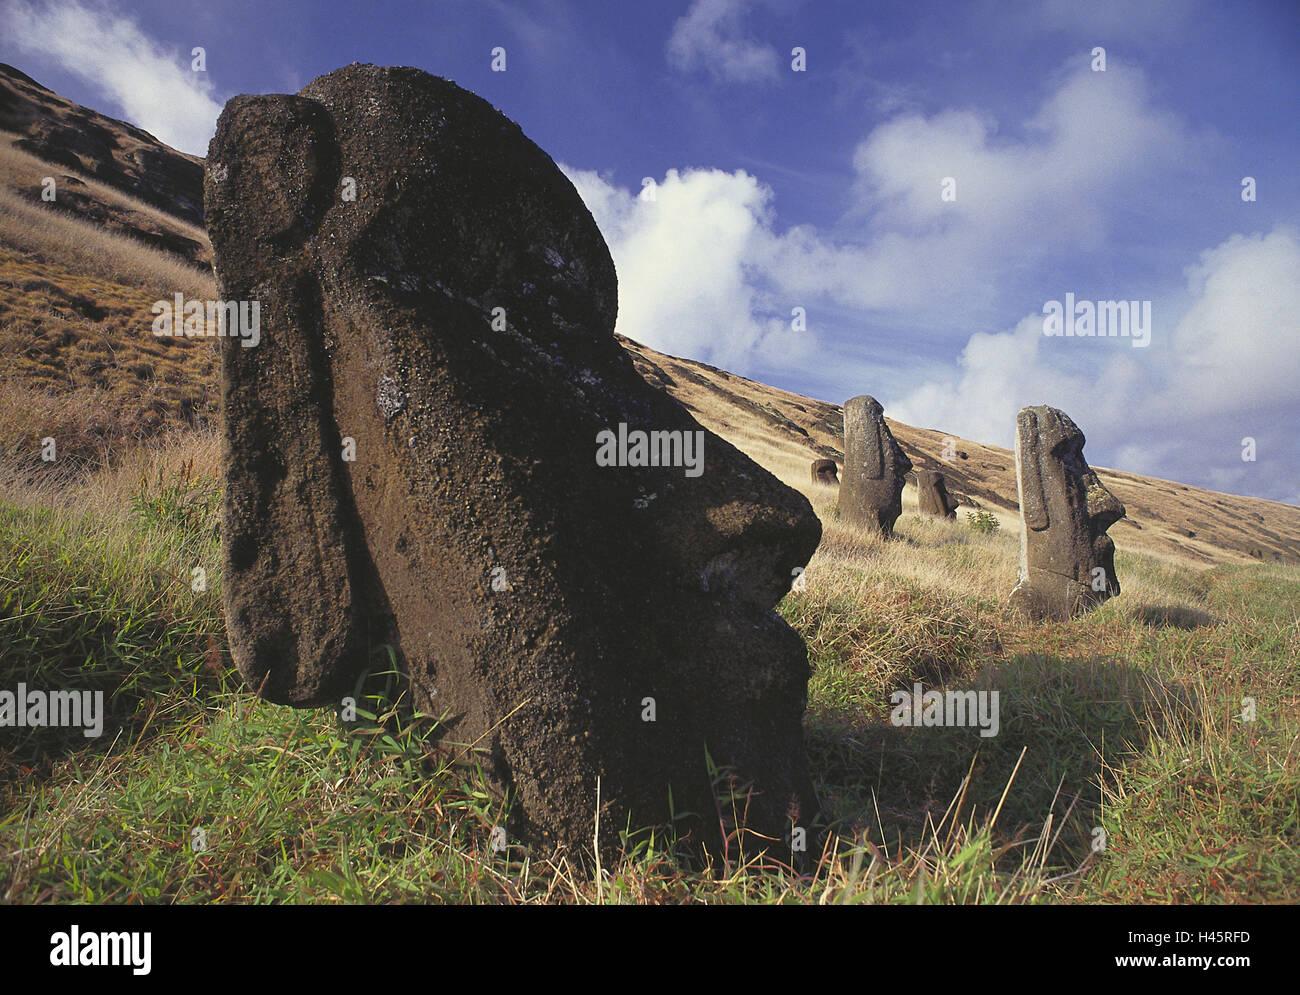 Le Chili, l'île de Pâques, Moais, sculpture, figure, Ciel, nuages, paysages, déserte, à Photo Stock